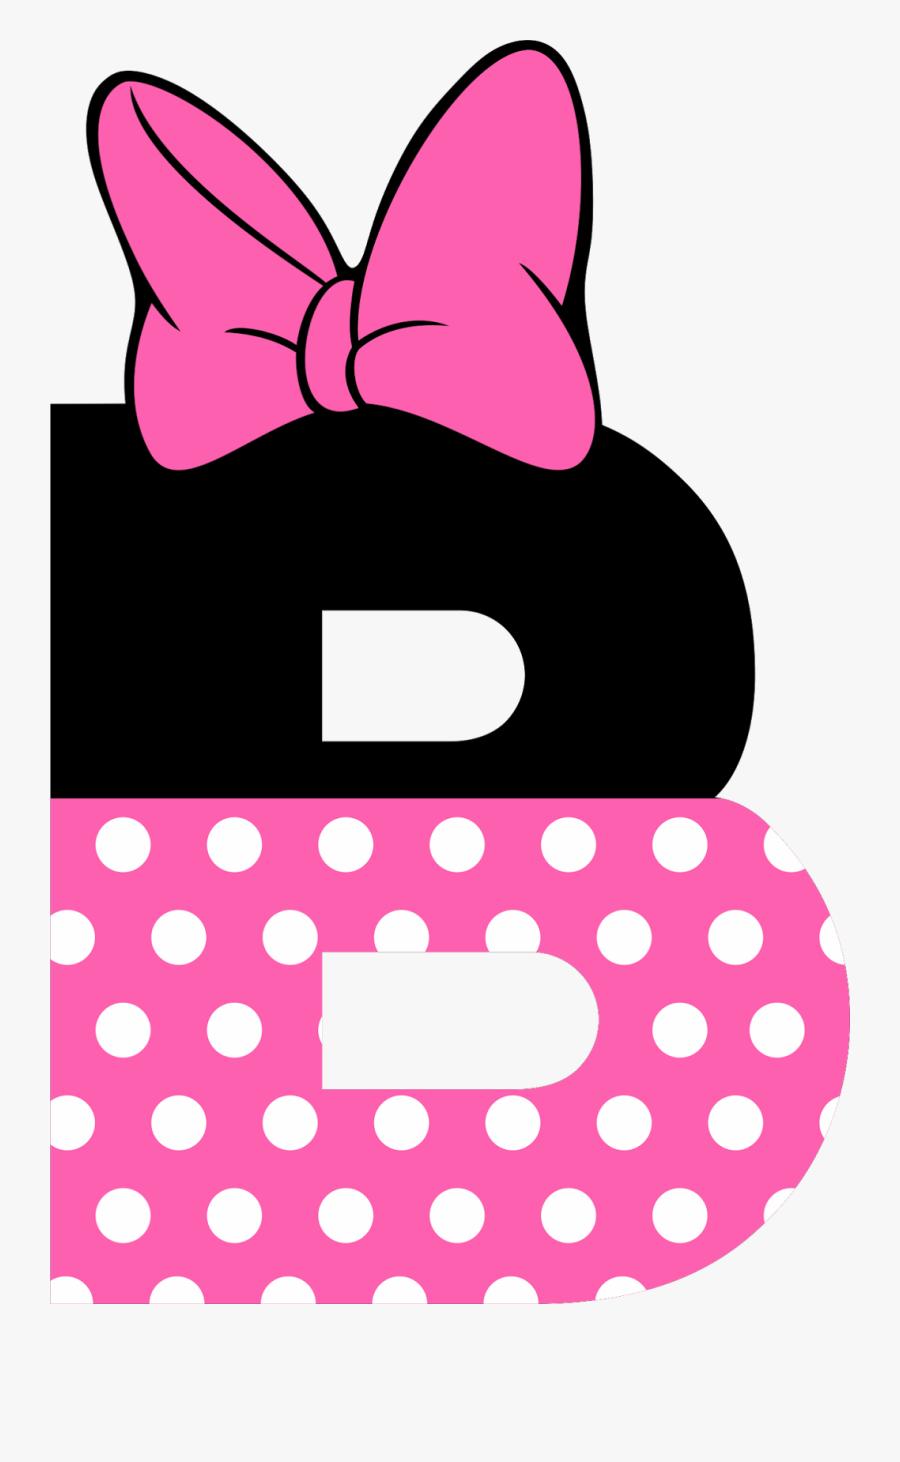 Baby Messages, Mouse Parties, Minnie Mouse Party, Alphabet, - Minnie Mouse Letter, Transparent Clipart